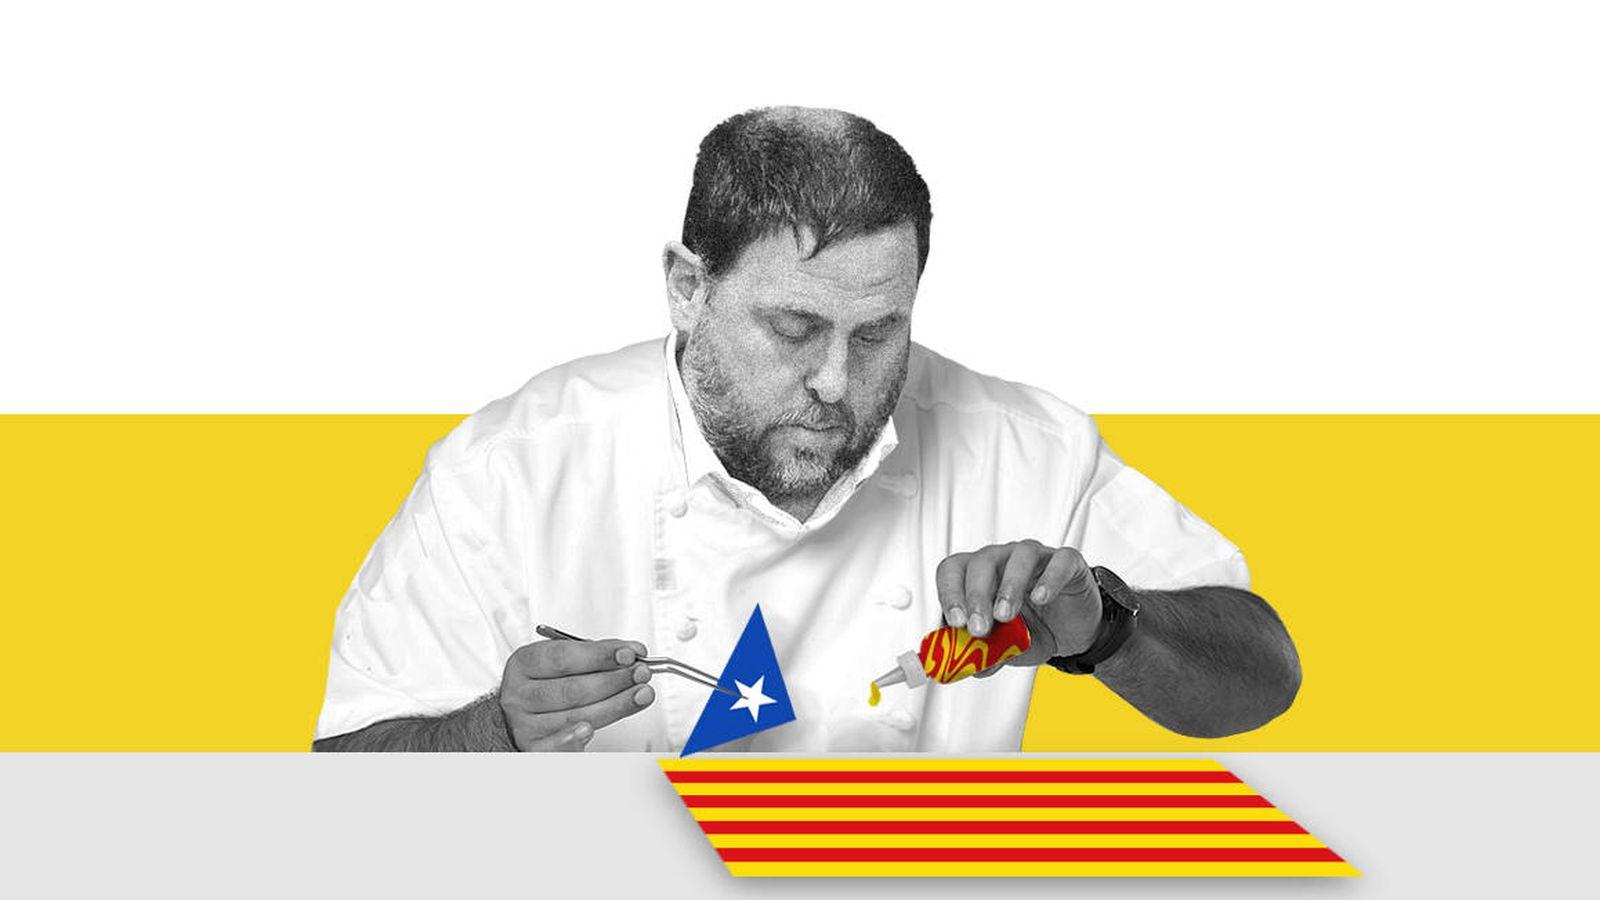 Foto: Imagen: Pablo López Learte